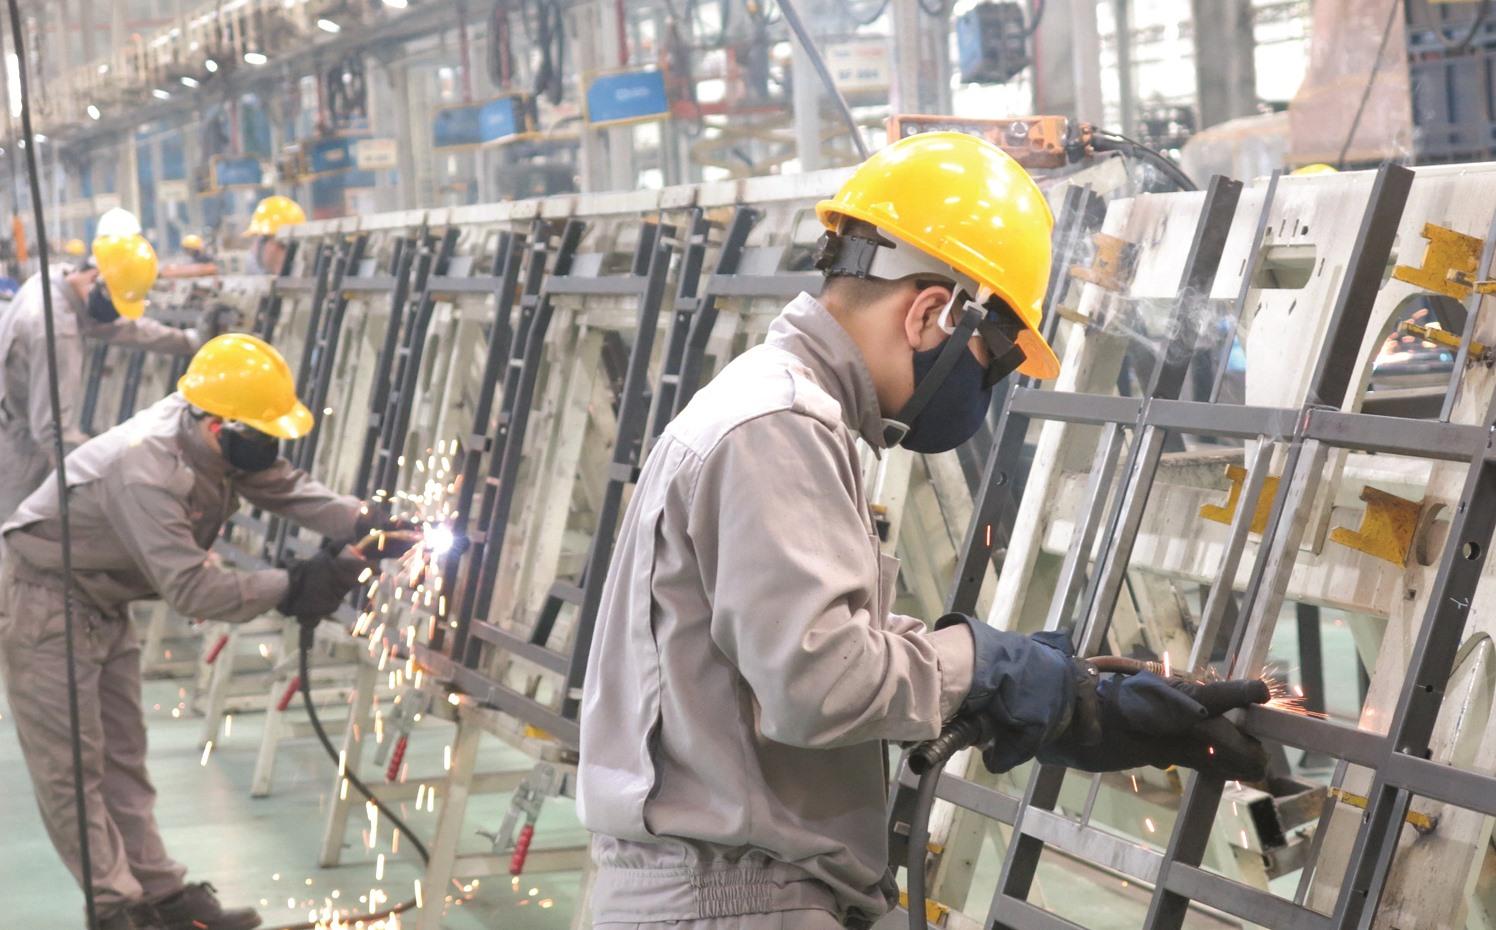 Xây dựng giai cấp công nhân tỉnh Quảng Nam vững mạnh là yêu cầu đặt ra nhằm đáp ứng sự nghiệp xây dựng, phát triển địa phương nhanh, bền vững. Ảnh: T.DŨNG